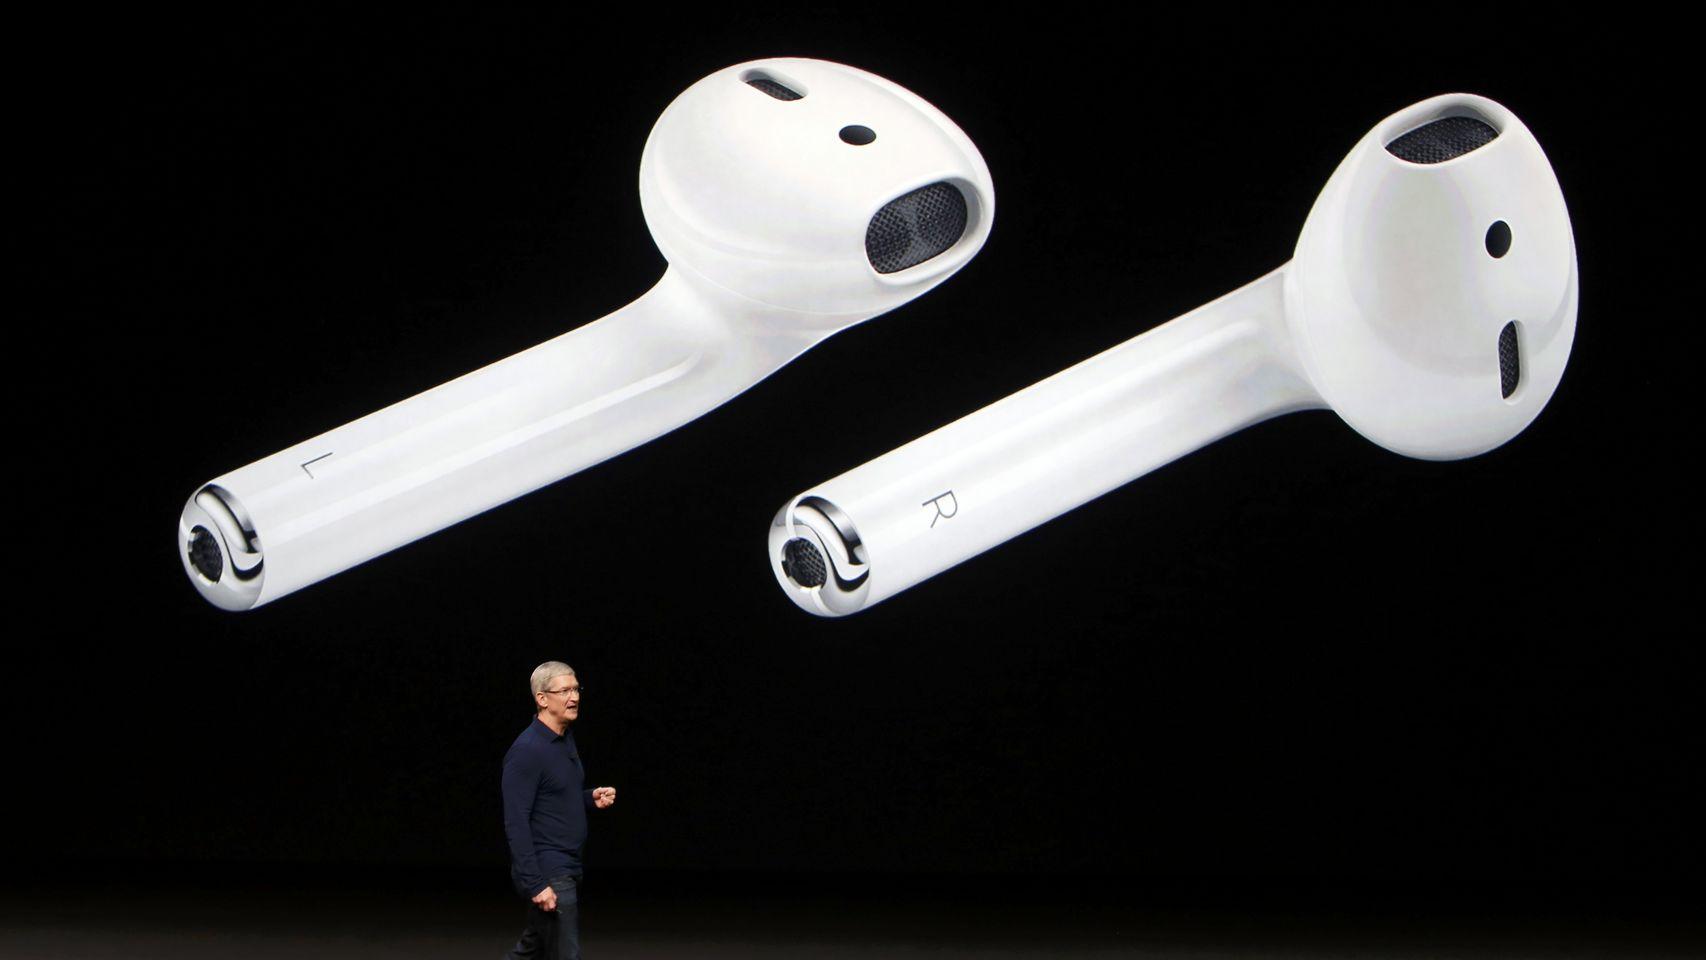 Los AirPods, auriculares inalámbricos, con micrófono y que permiten incluso hablar con Siri.